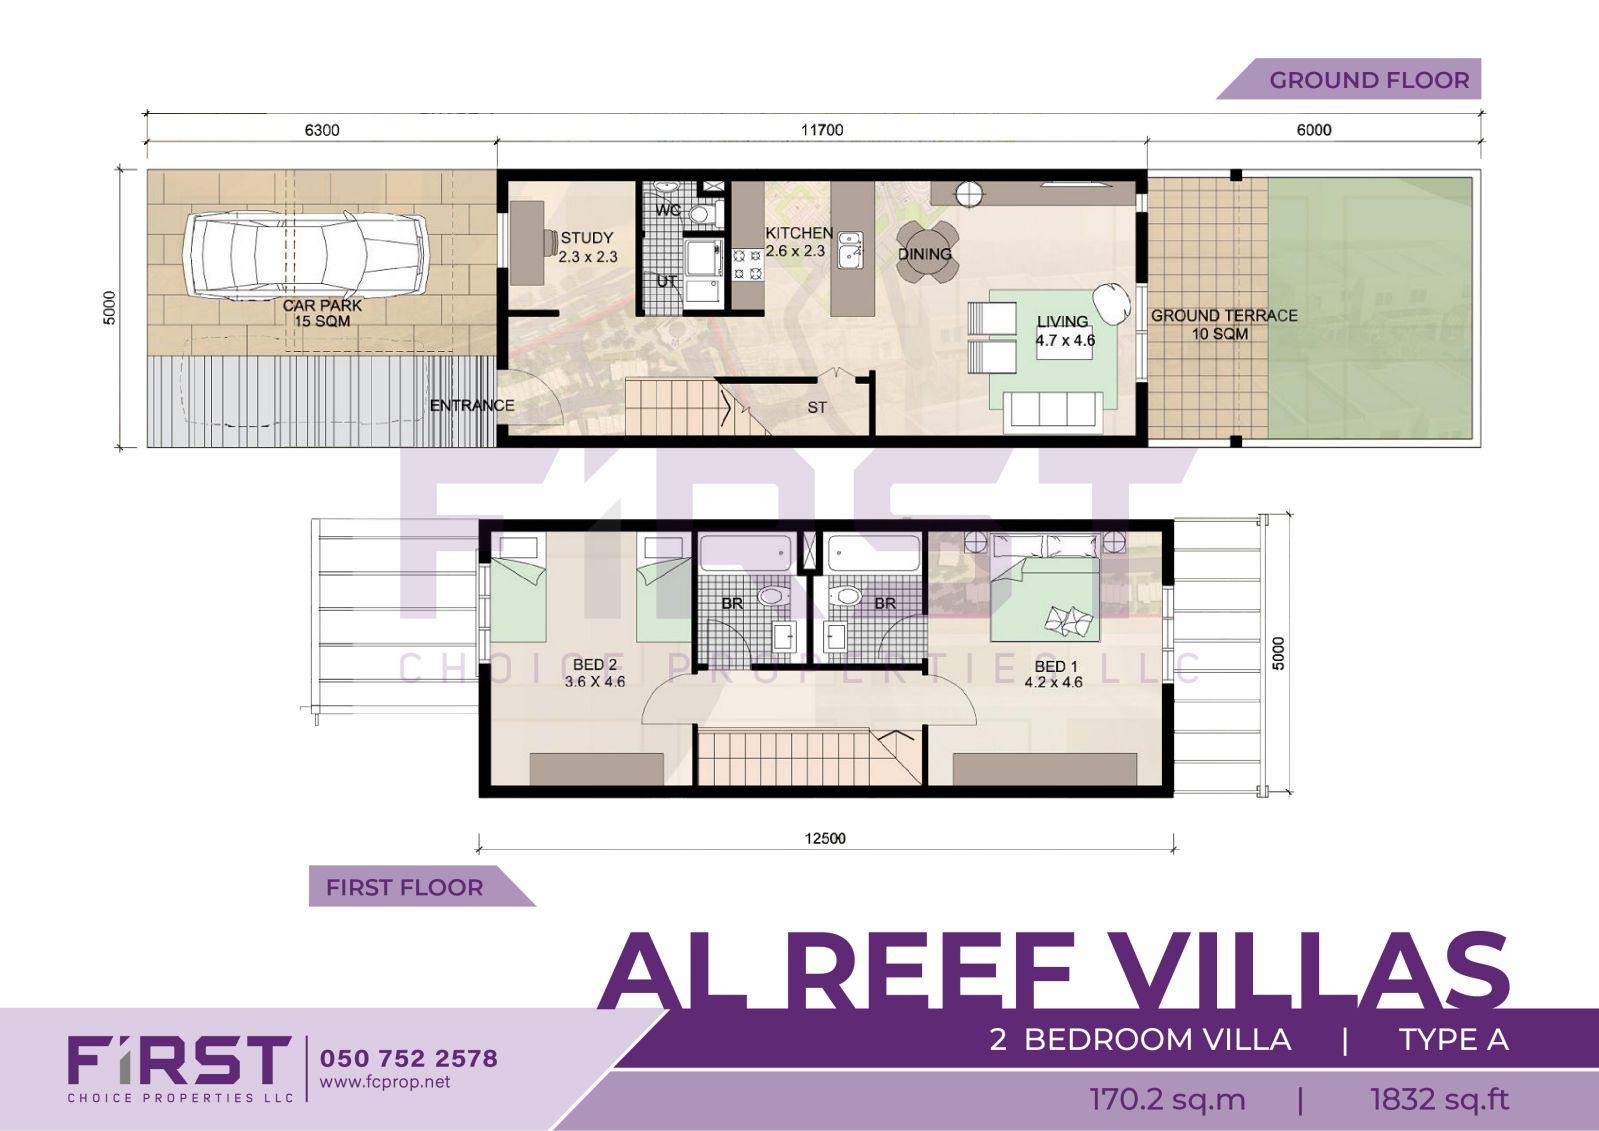 Floor Plan of 2 Bedroom Villa Type A in Al Reef Villas Al Reef Abu Dhabi UAE 170.2 sq.m 1832 sq.ft.jpg